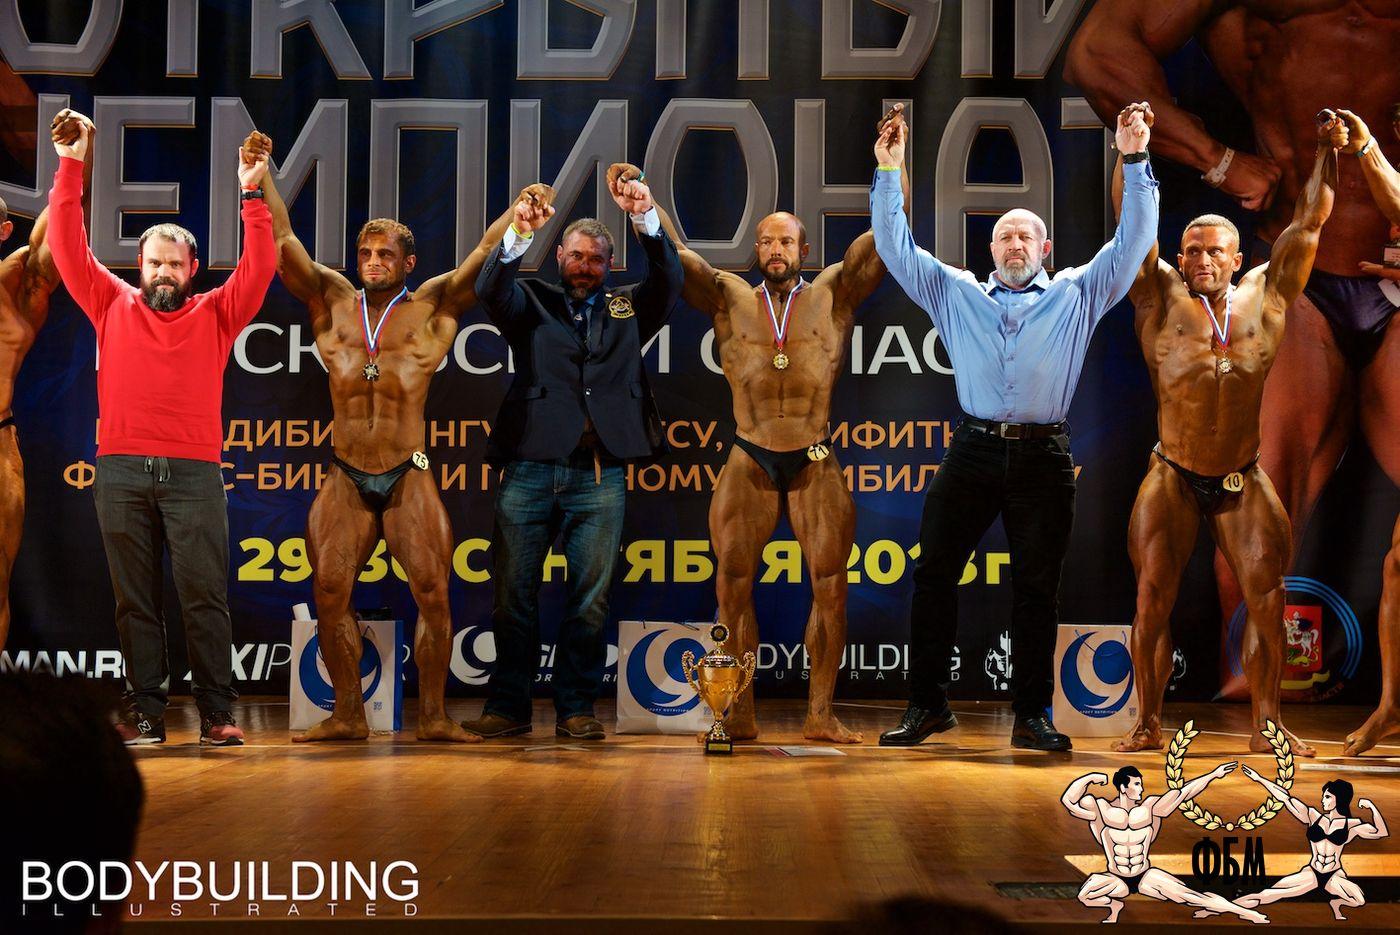 Чемпионат Московской области по бодибилдингу. Winners